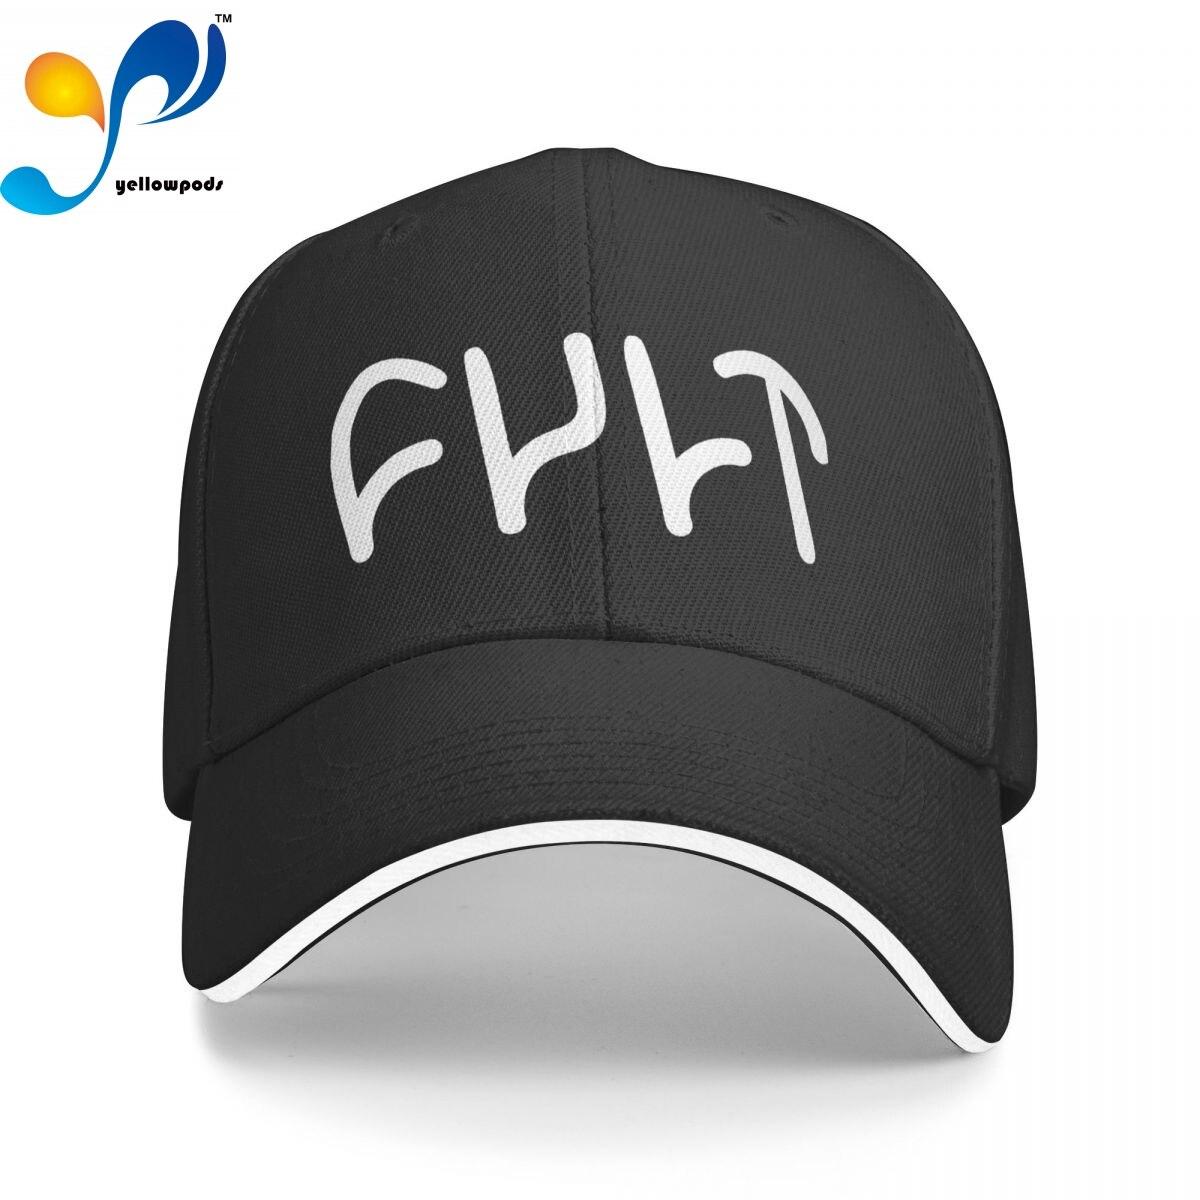 Бейсбольная шапка с логотипом культового Bmx, регулируемые бейсболки унисекс, шапки с клапаном для мужчин и женщин